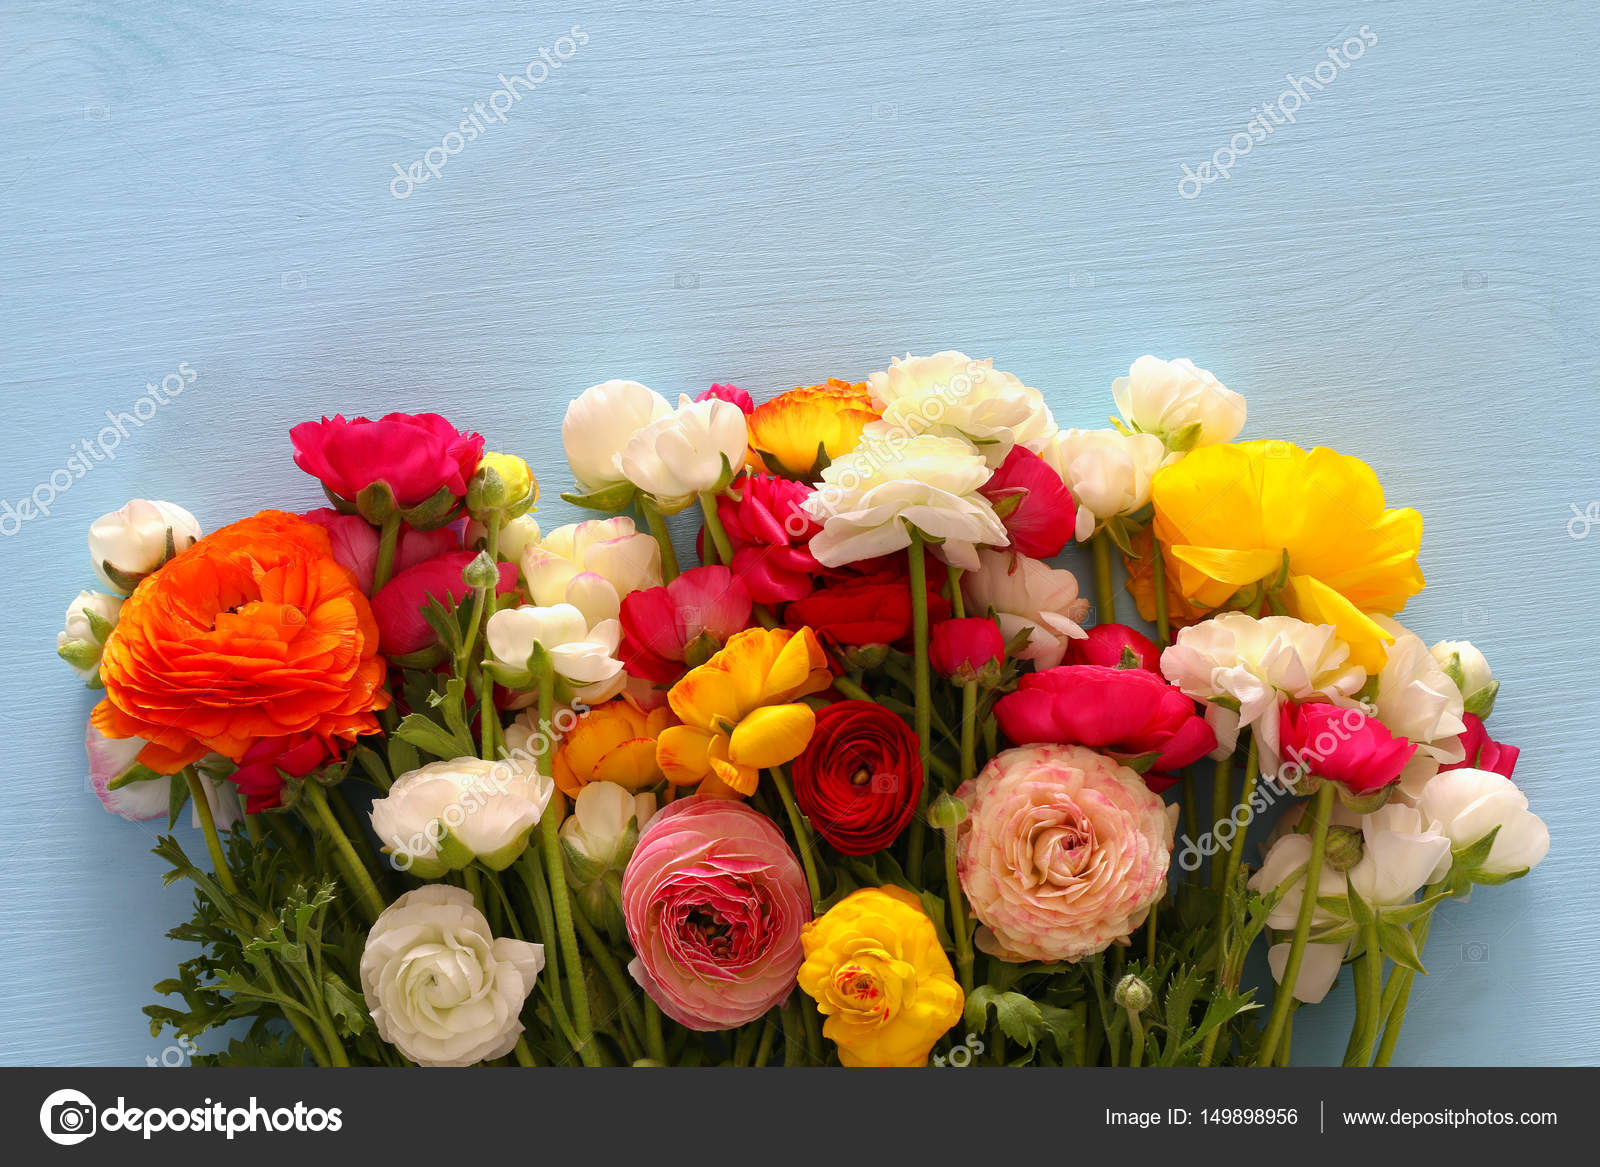 Top view of beautiful flowers arrangement stock photo tomert top view of beautiful flowers arrangement stock photo izmirmasajfo